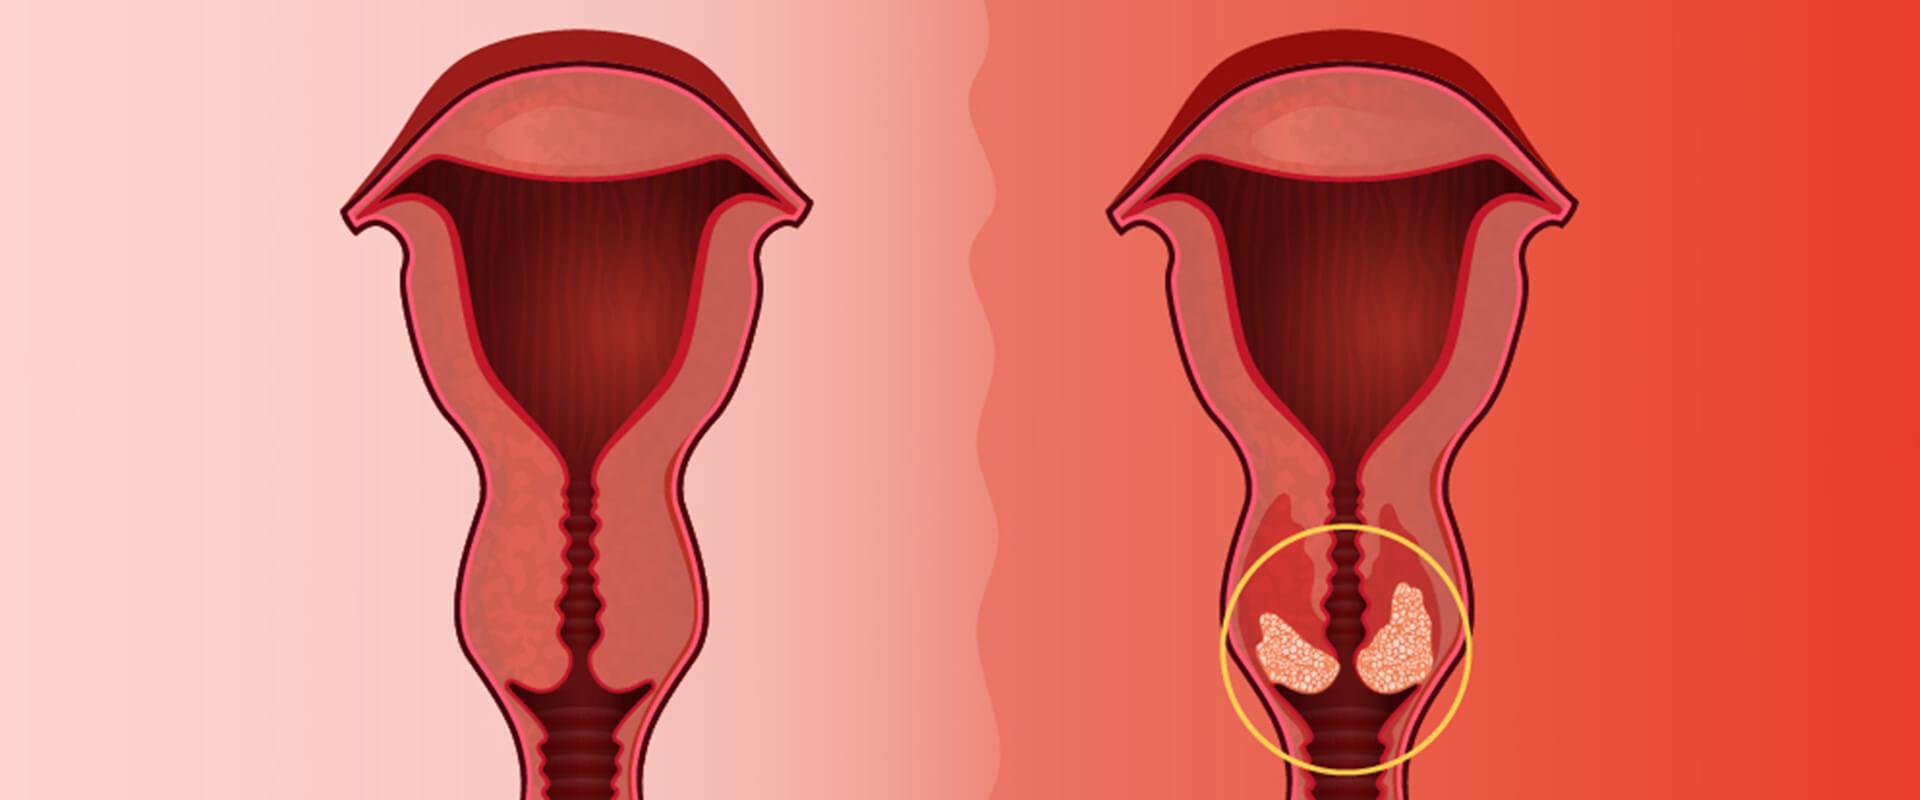 Colo de colo uterino - Dr. Valter Alvarenga